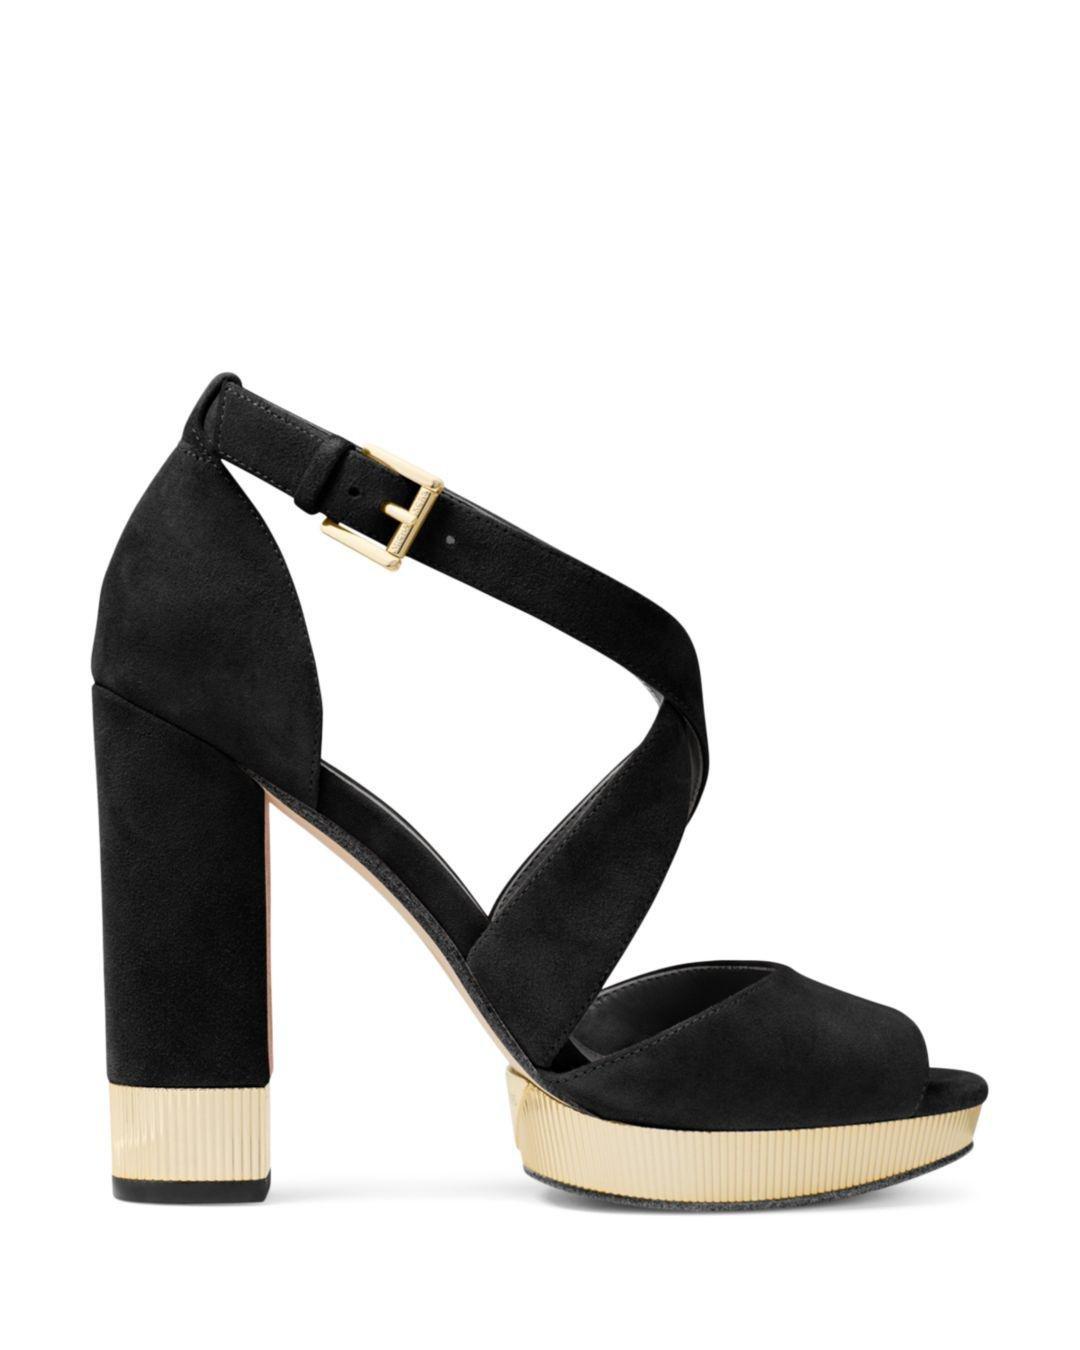 bd6fdfe0709 Lyst - Michael Kors Valerie Suede Platform Sandal in Black - Save 14%